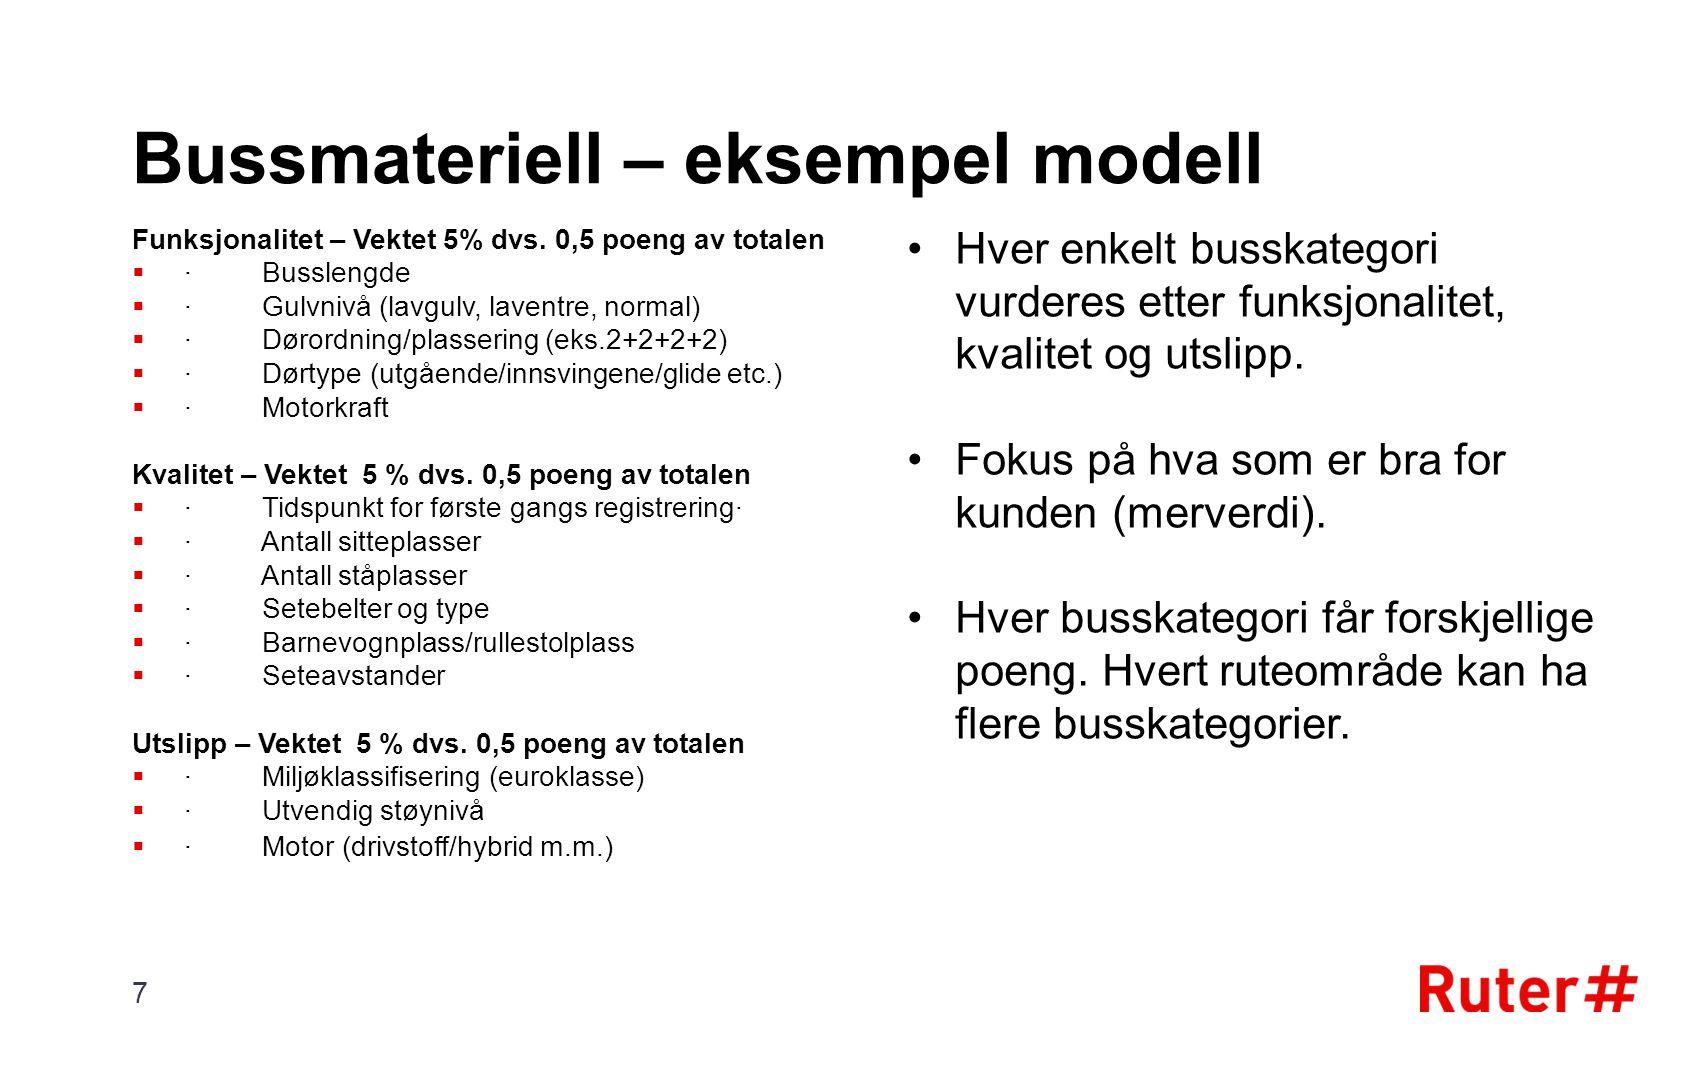 Bussmateriell – eksempel modell